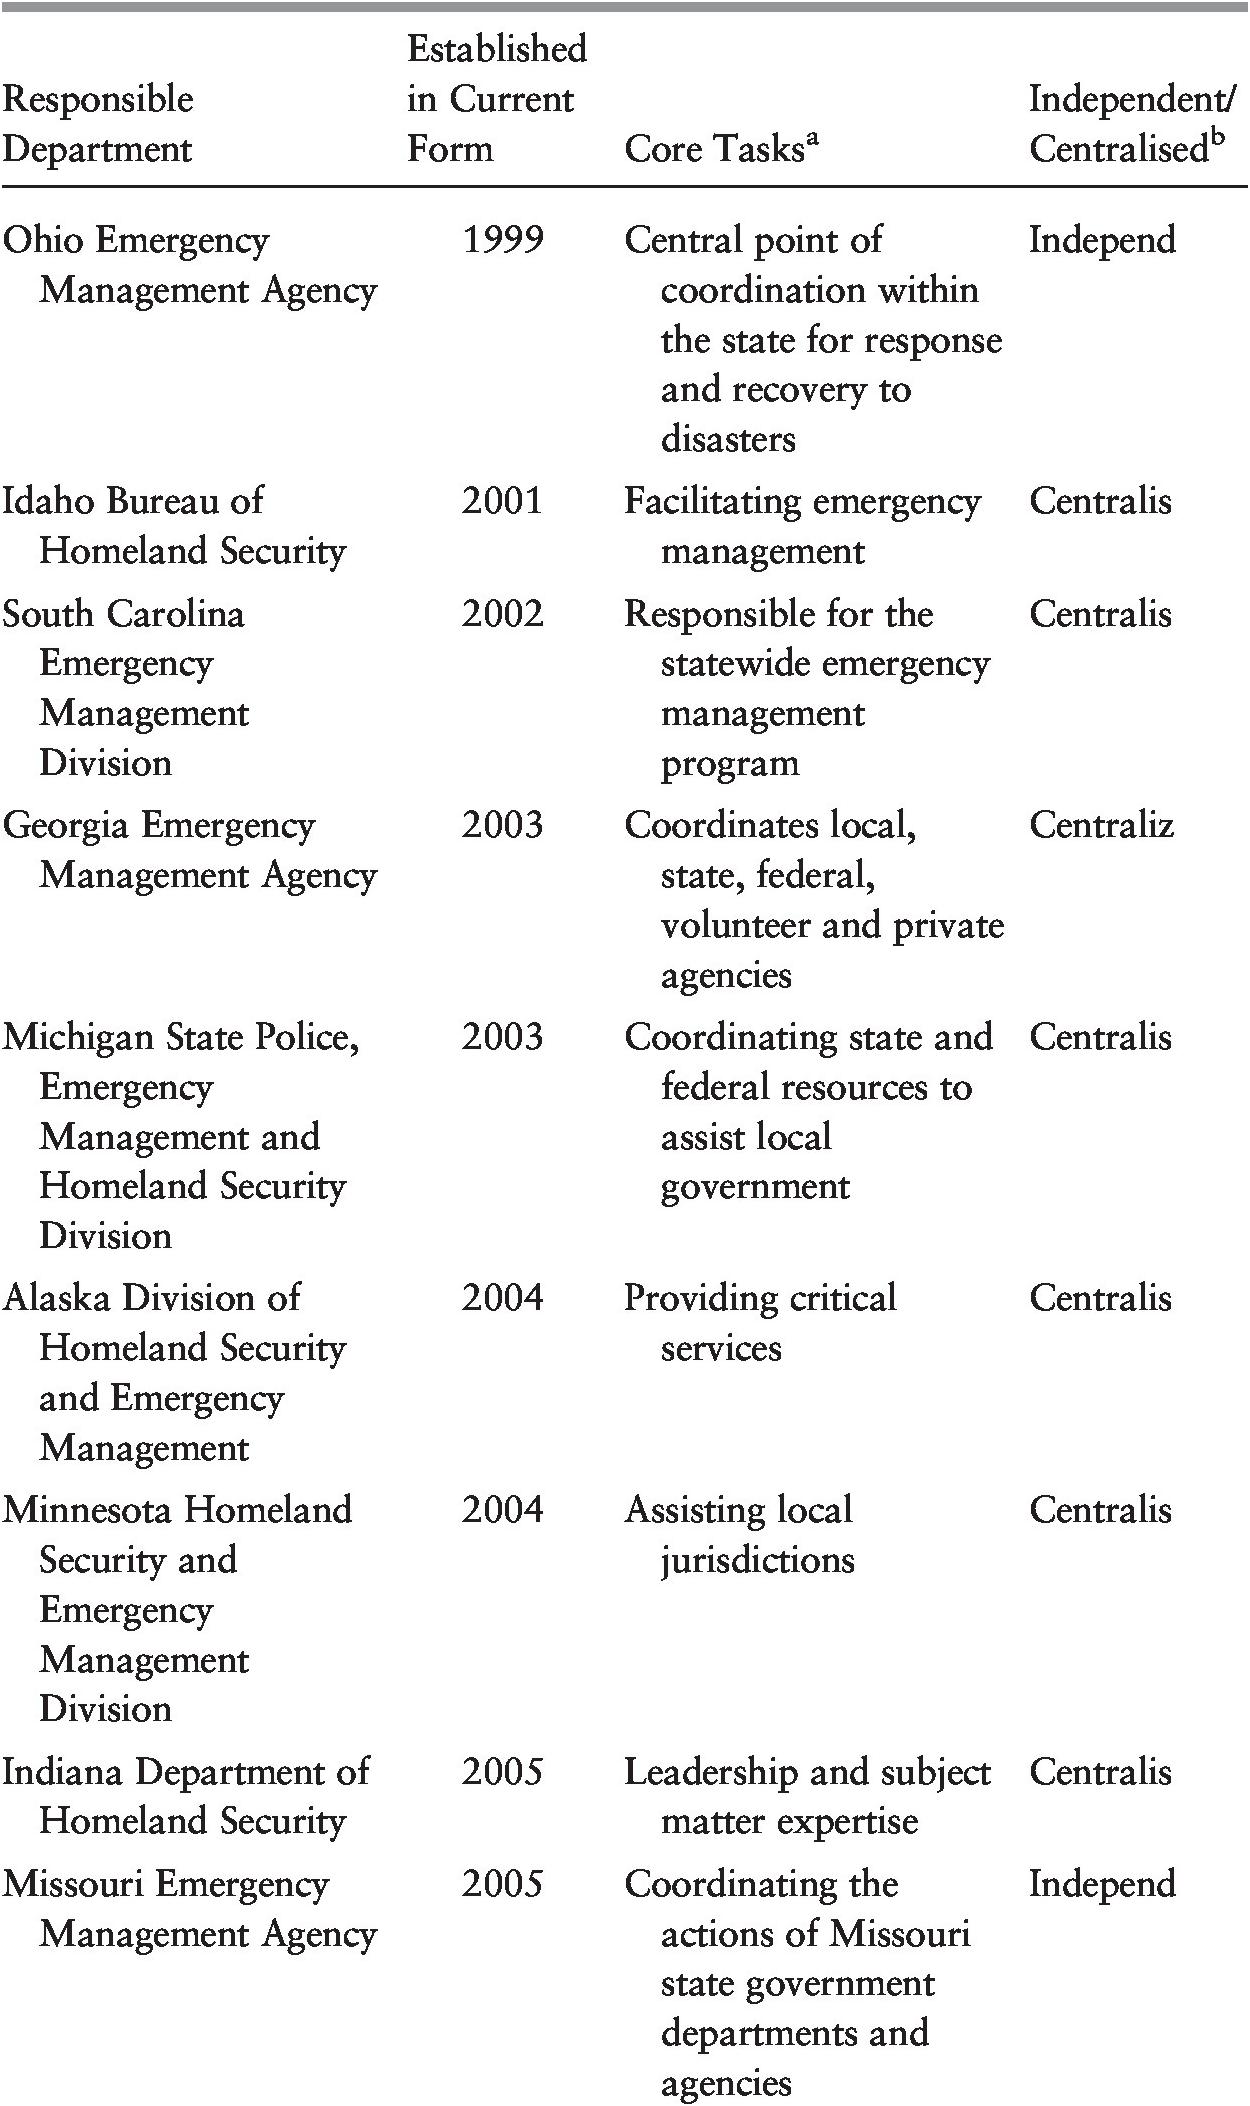 Hyper-active Governance in Practice (Part II) - Hyper-active